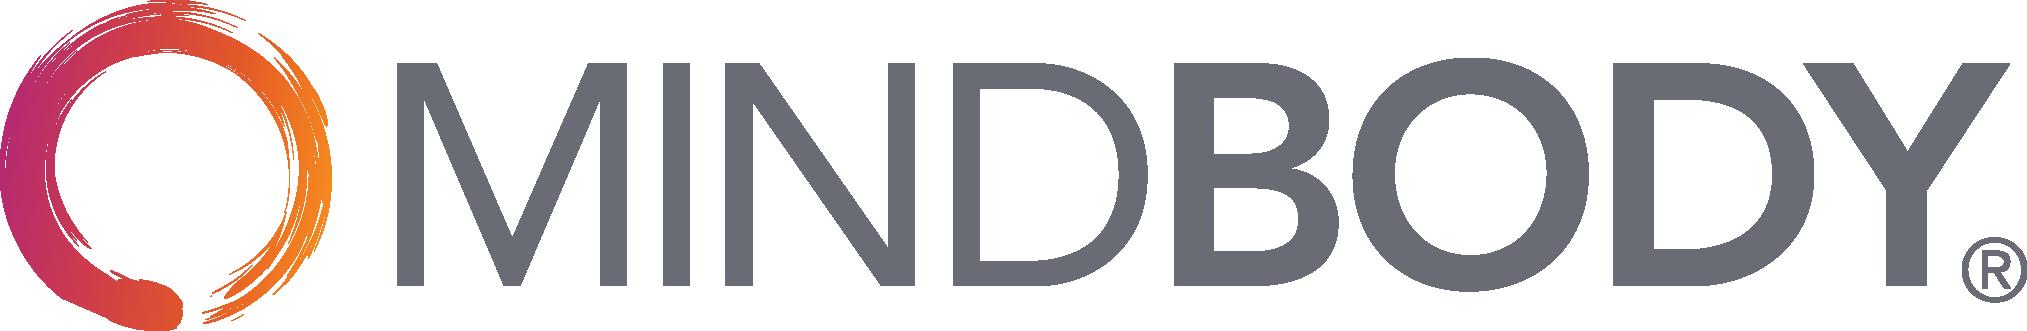 MINDBODY_Logo (1).png